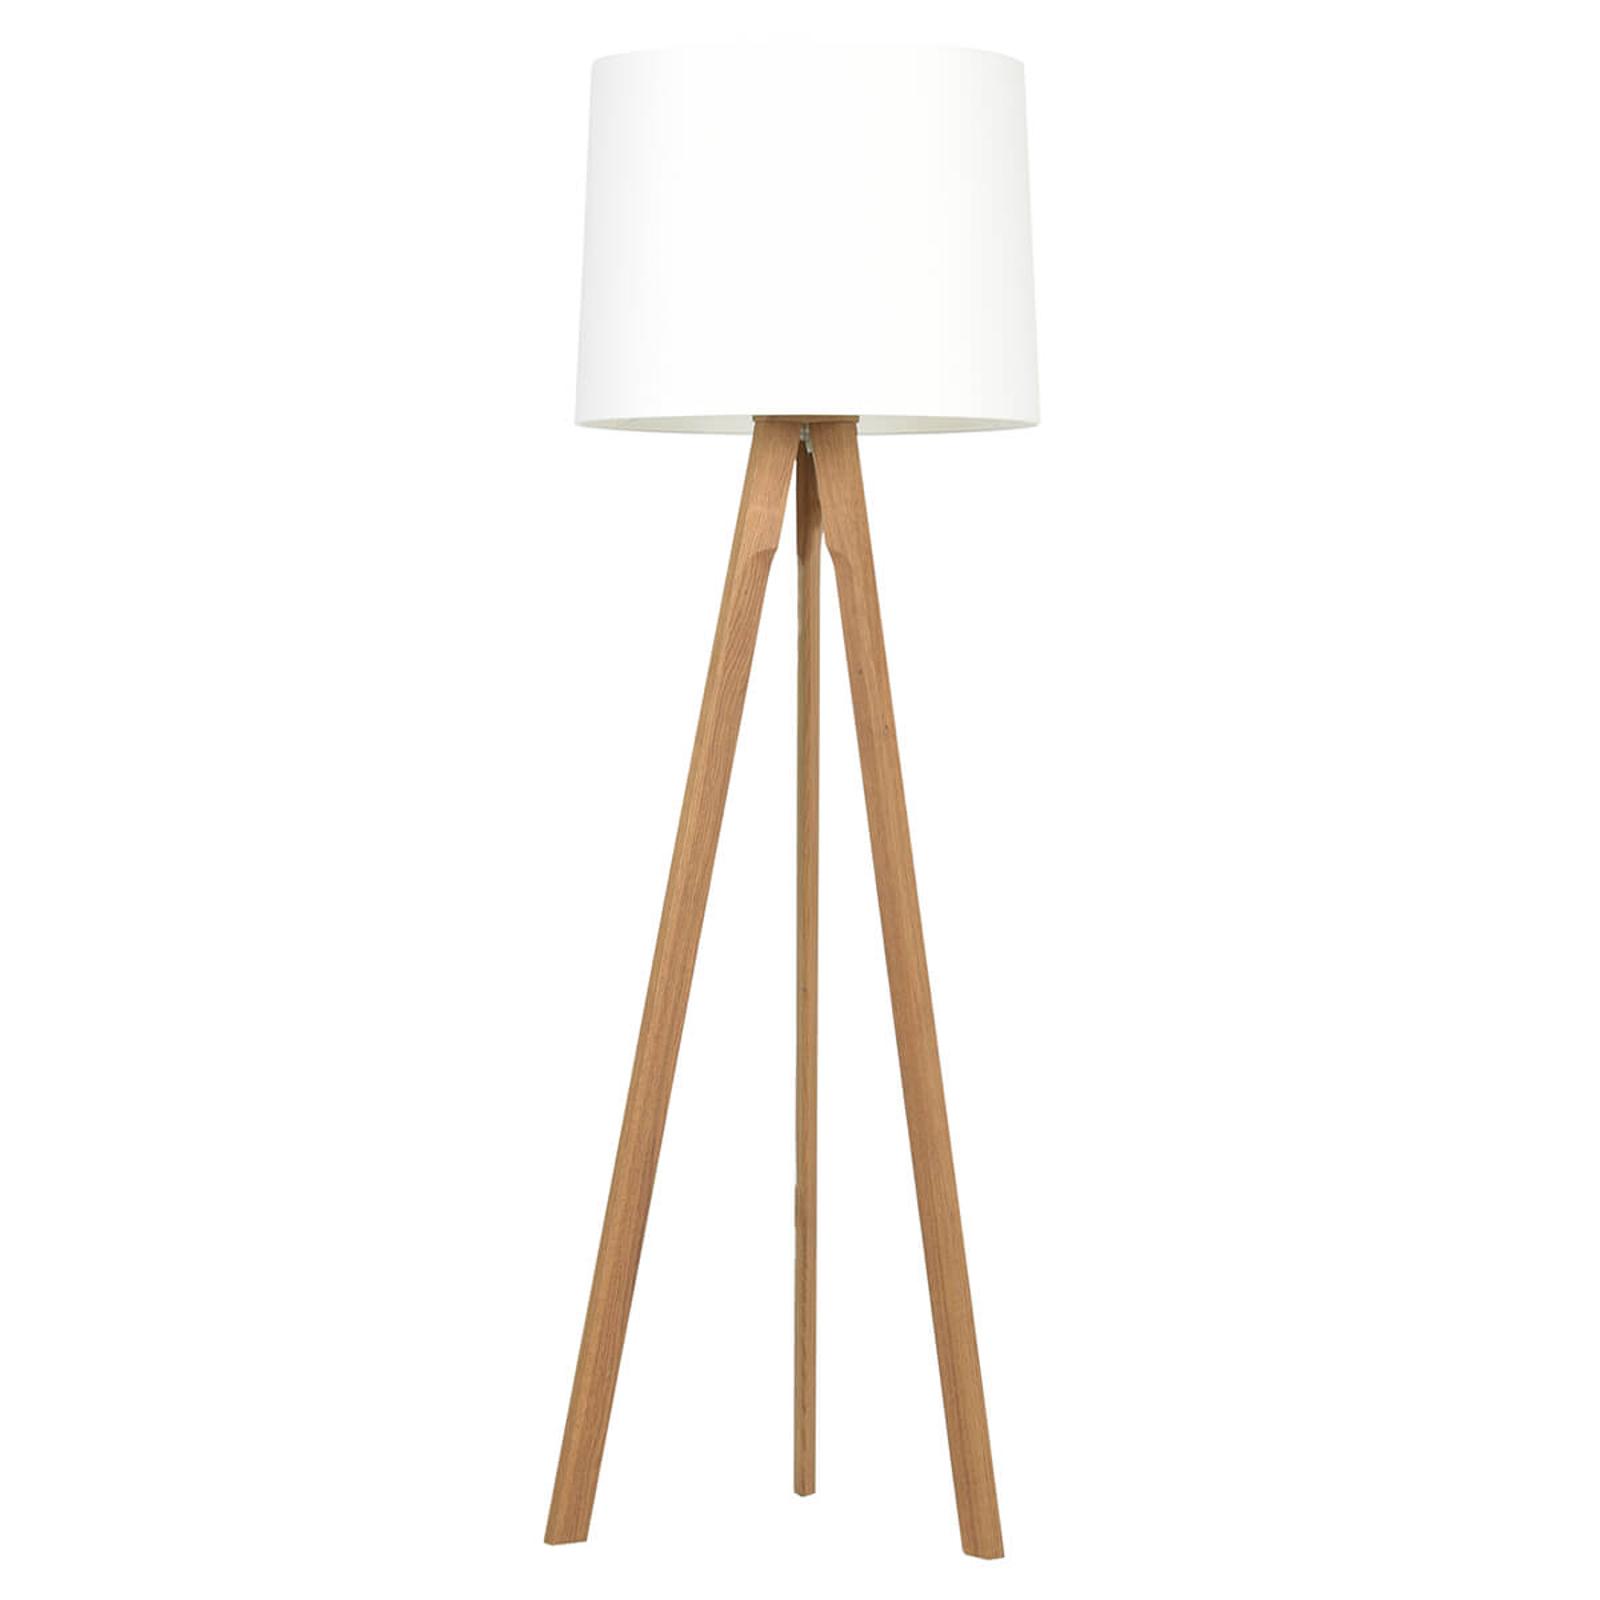 Gulvlampe i solid naturlig tre og med hvit lampeskjerm